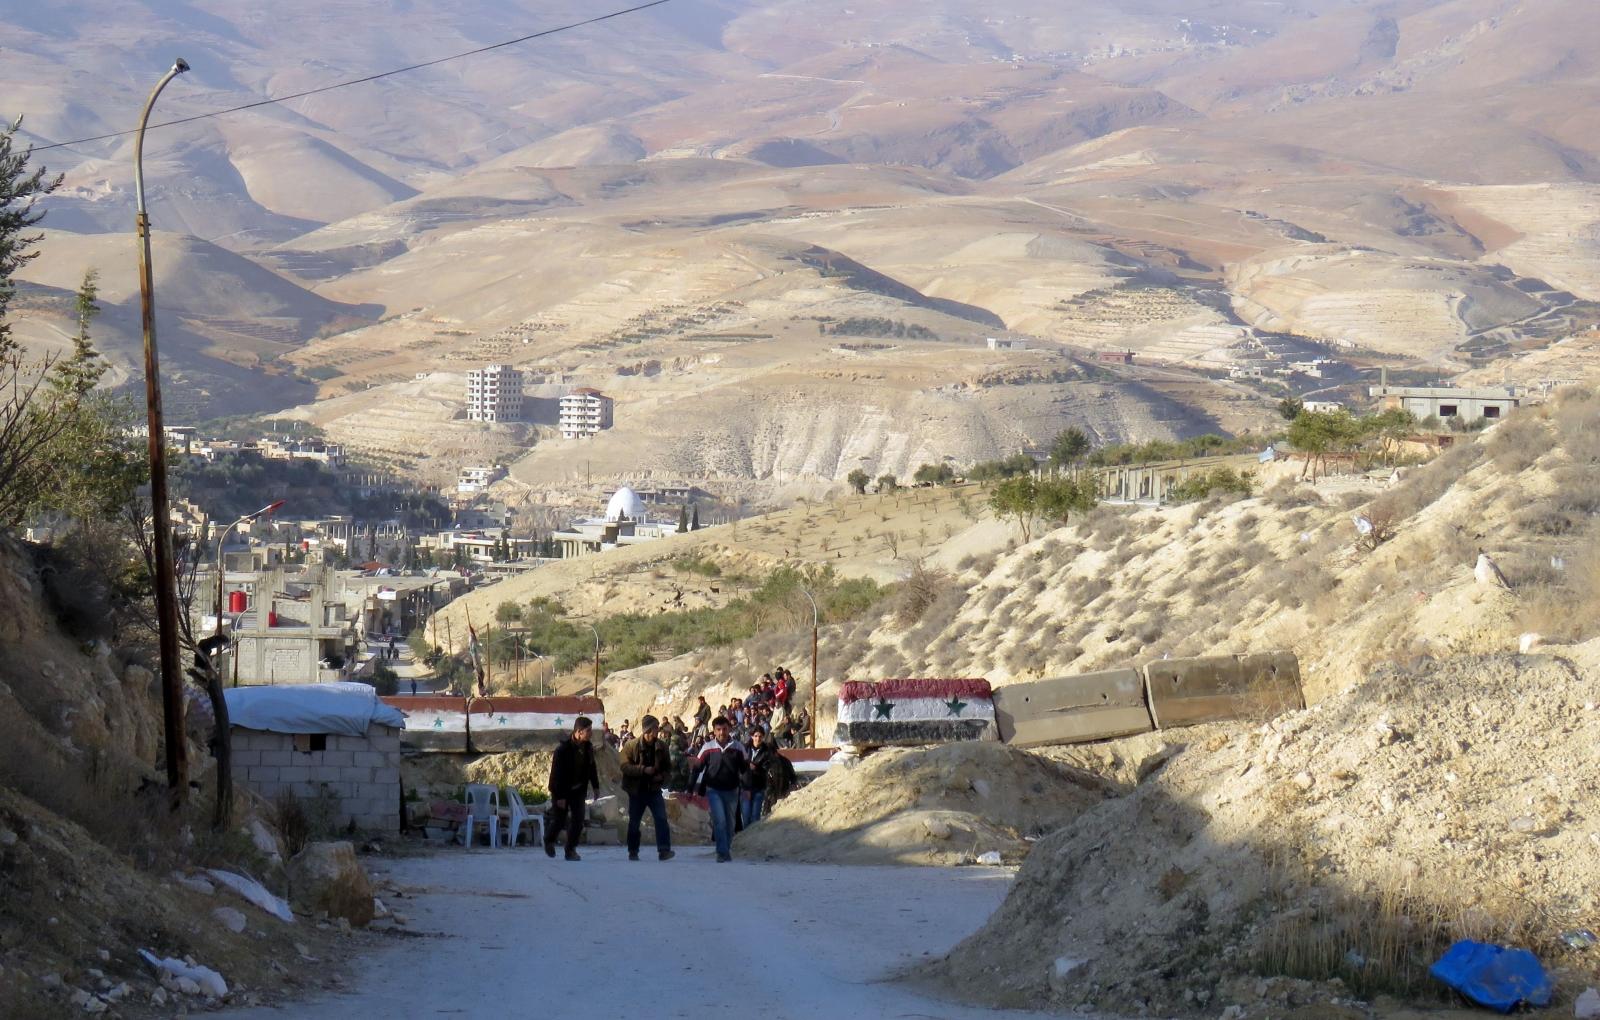 wadi barada